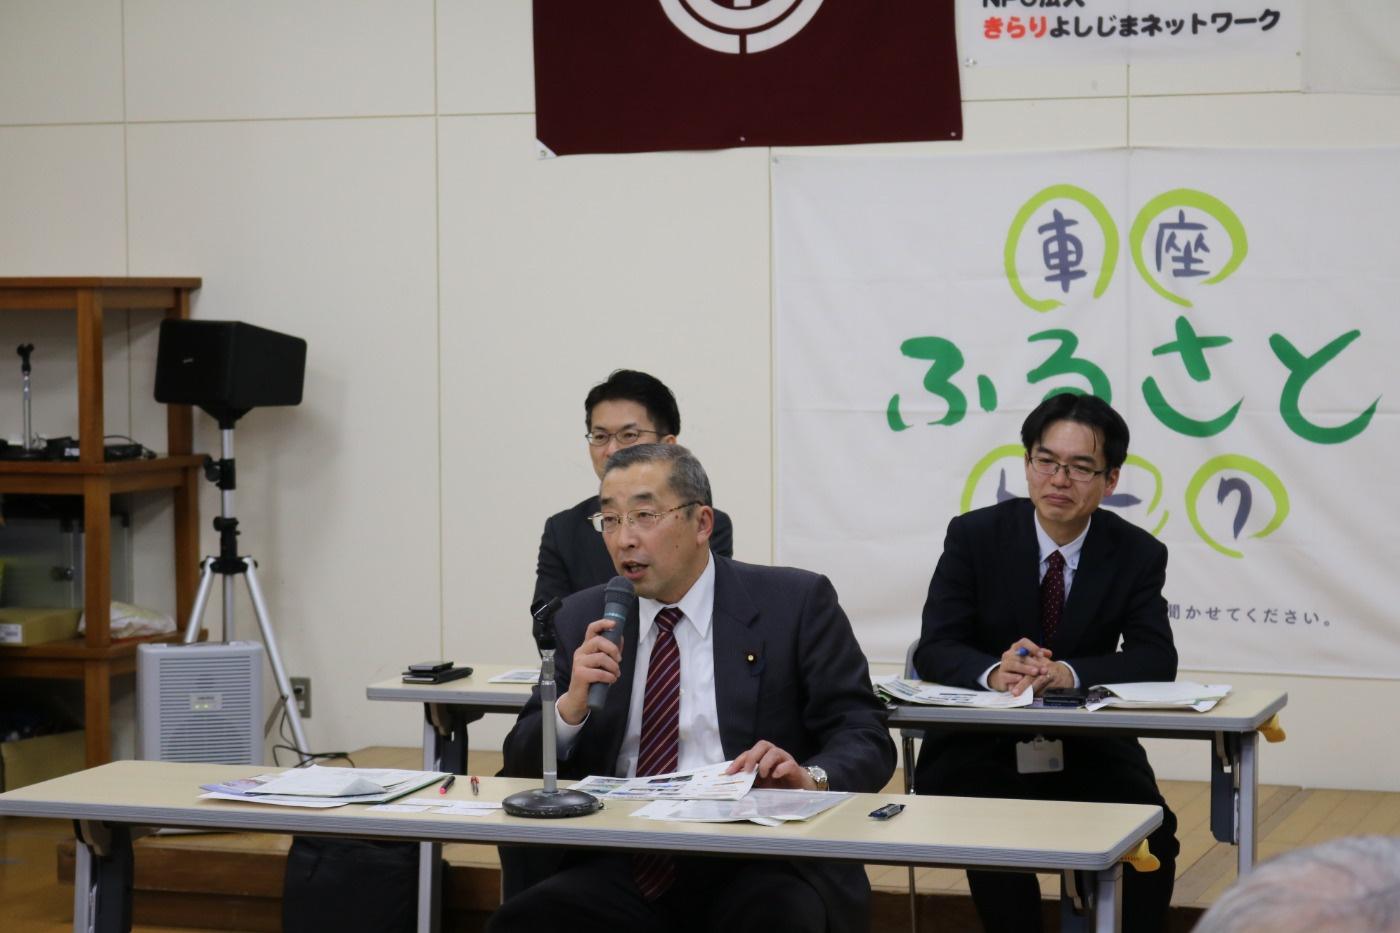 車座ふるさとトークにて、鈴木淳二総務副大臣が感想が述べられている写真